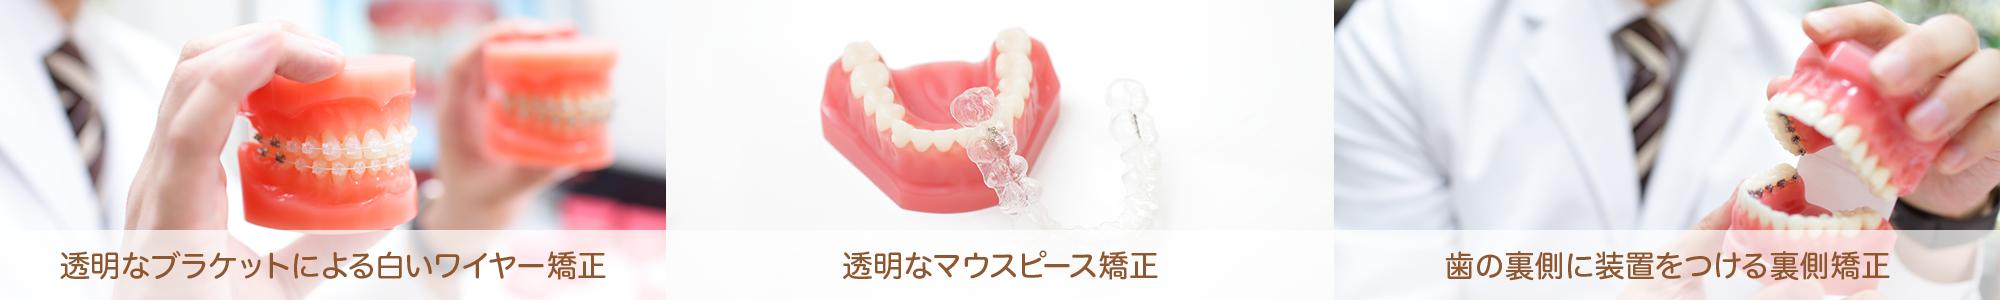 透明なブラケットによる白いワイヤー矯正 透明なマウスピース矯正 歯の裏側による裏側矯正